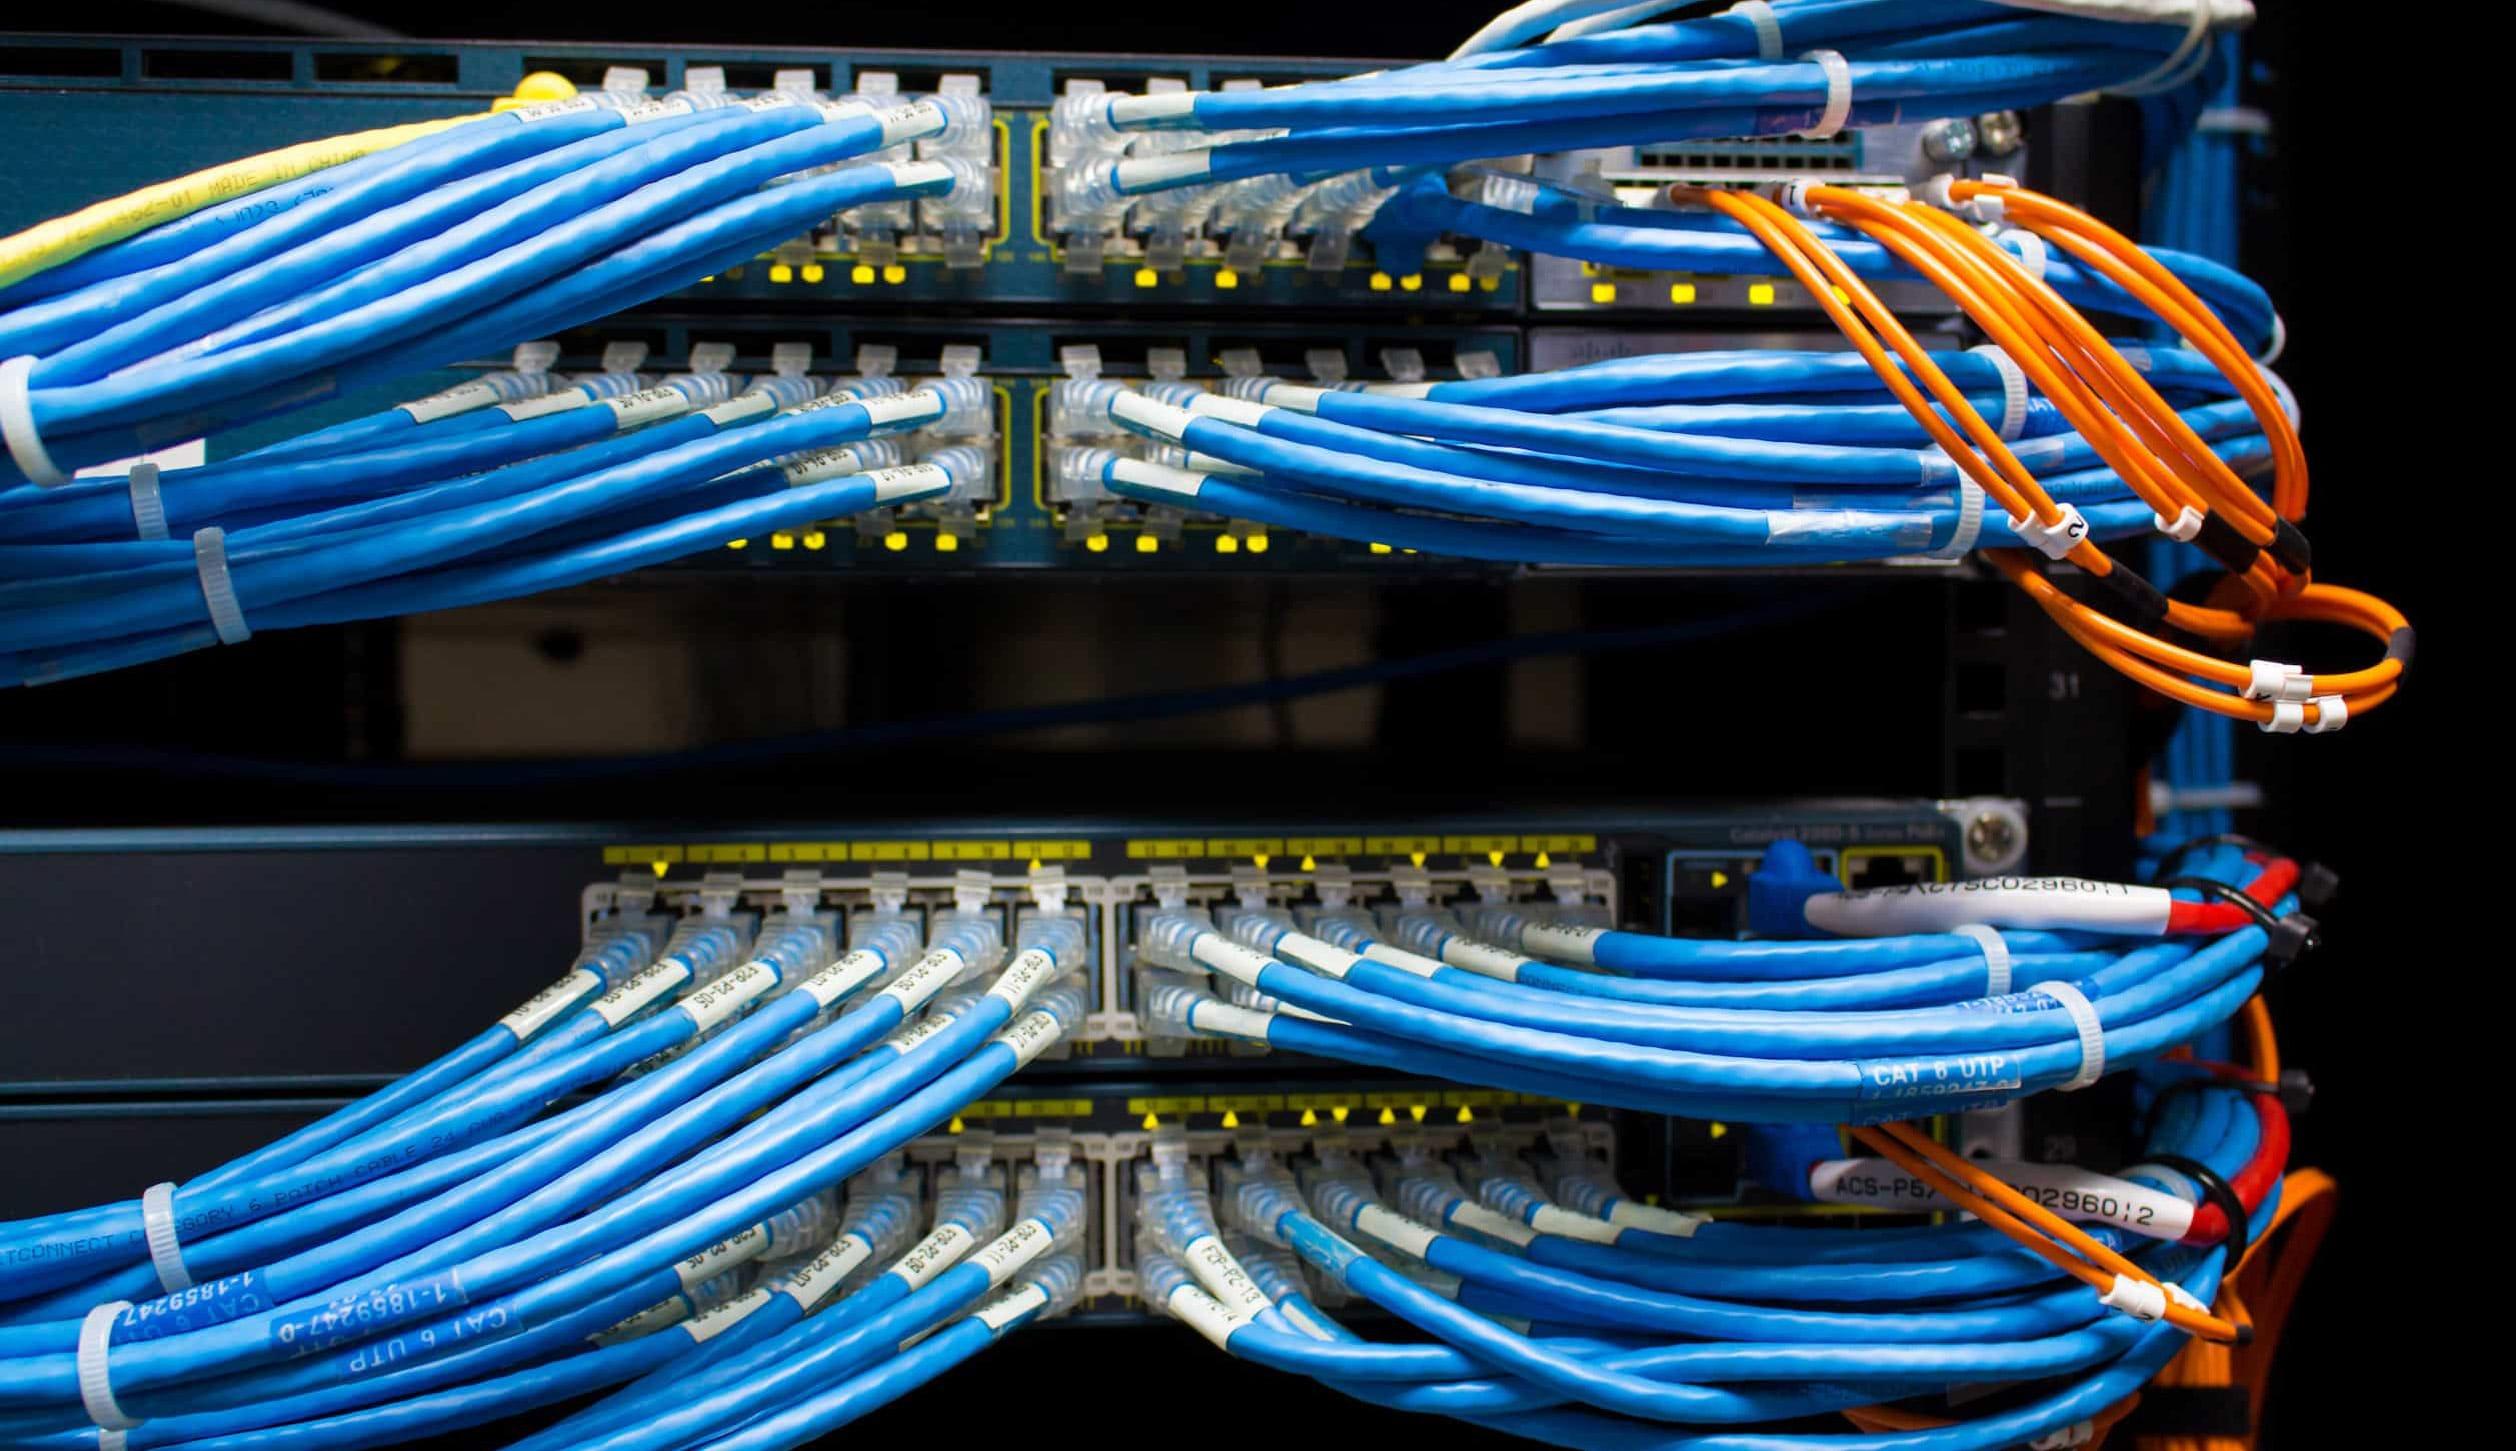 Cdt Data Structured Wiring Panel